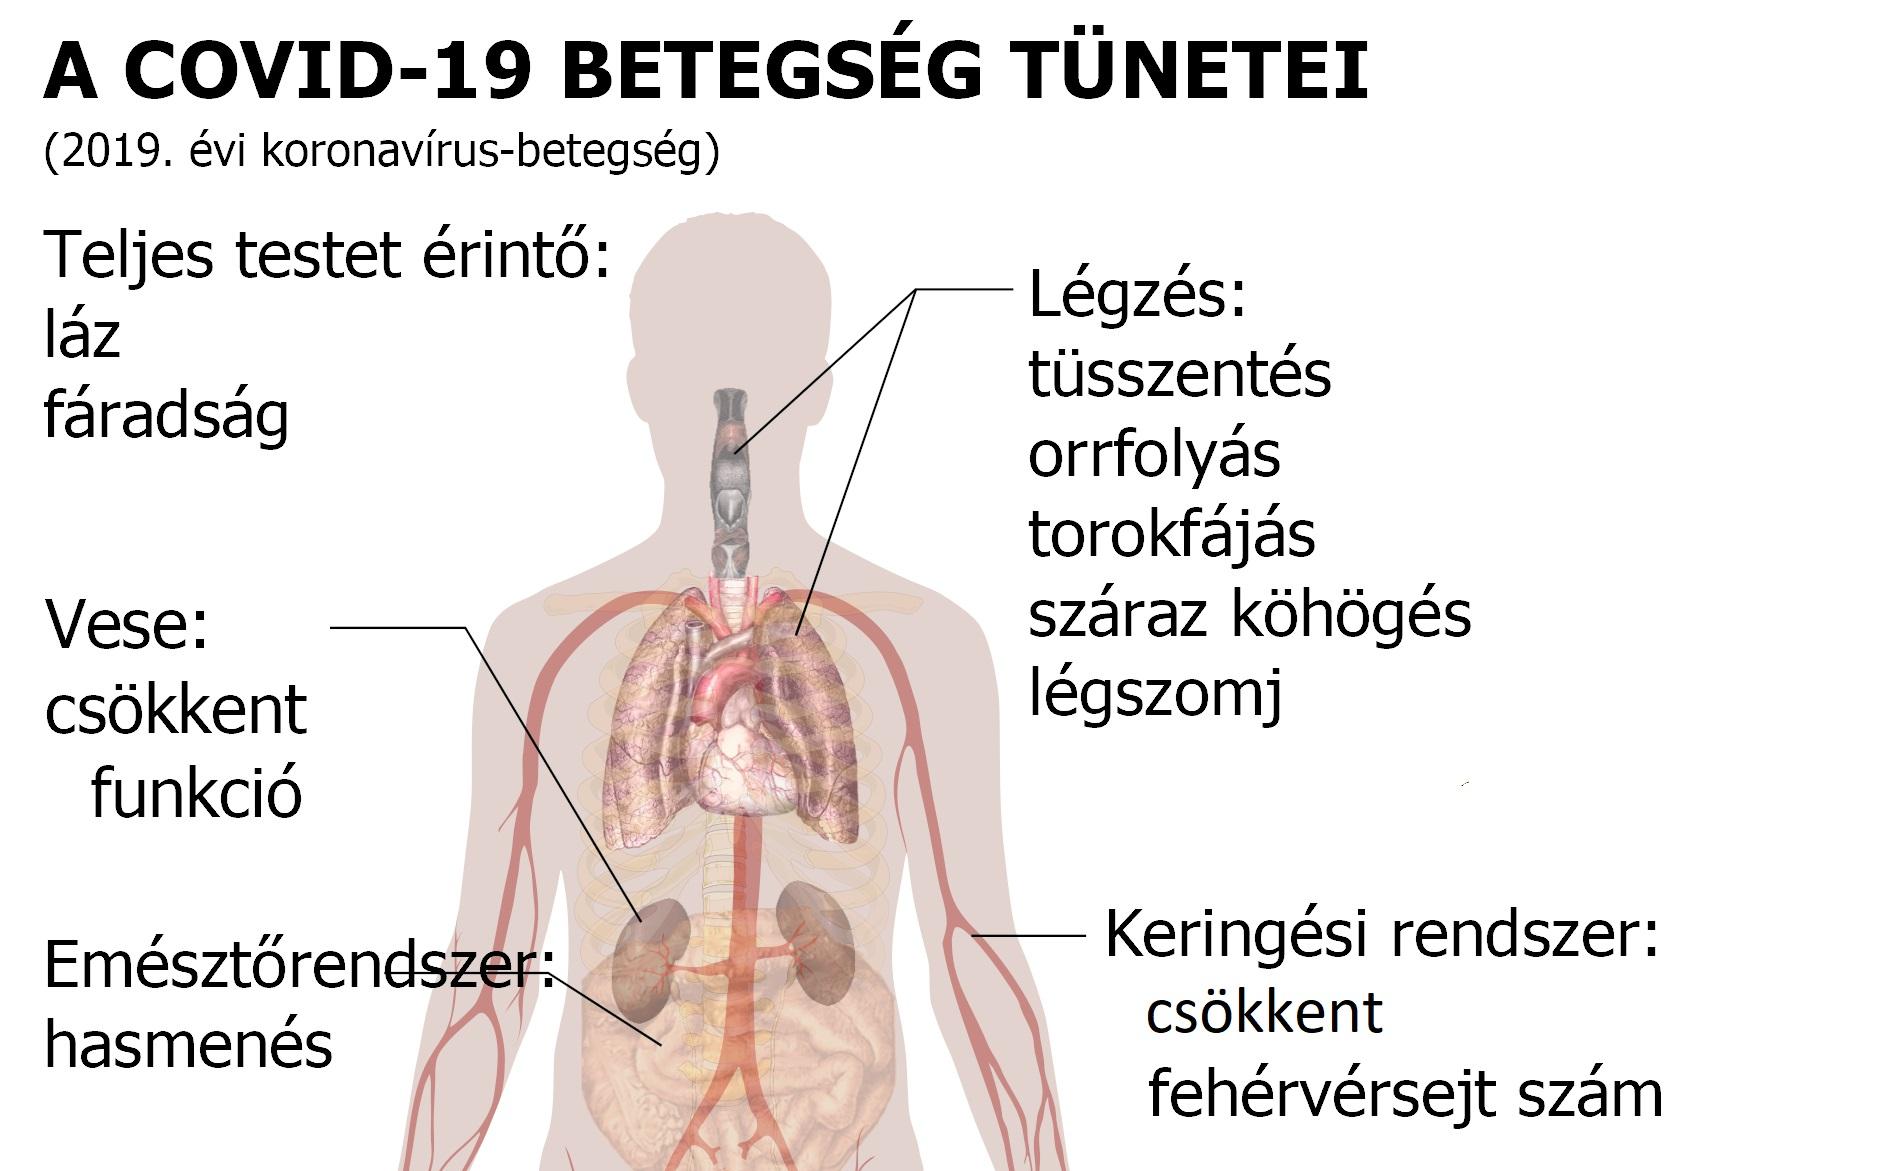 Nincs félnivalójuk a magas vérnyomásos betegeknek   Magyar Nemzet